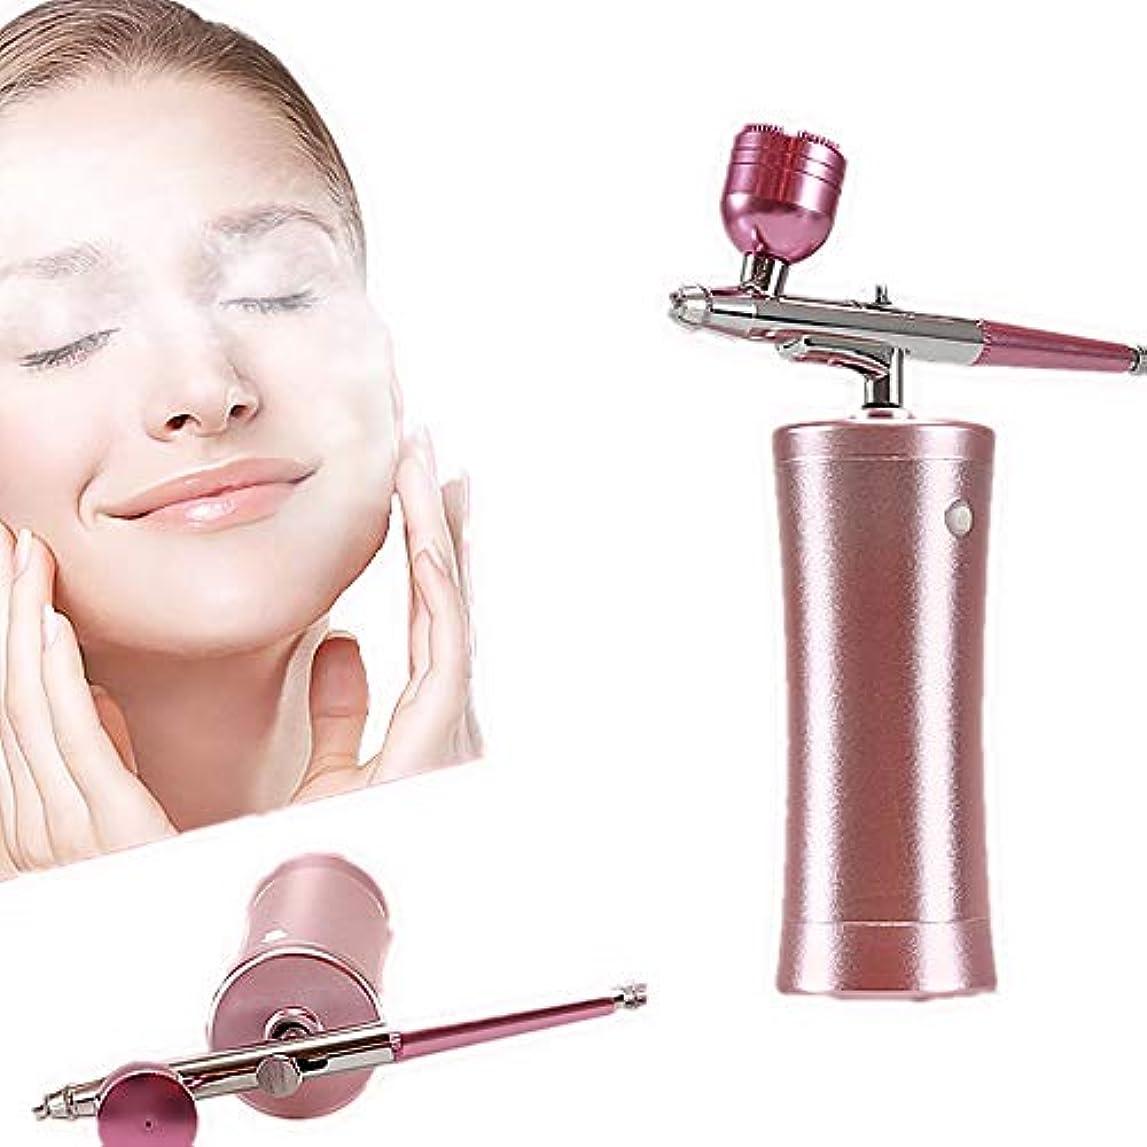 折る喉が渇いた顎酸素フェイシャルマシン、マイクロナノ保湿酸素噴霧器エアブラシマシン、肌反しわ若返りのための水噴射顔SPAスプレーガン